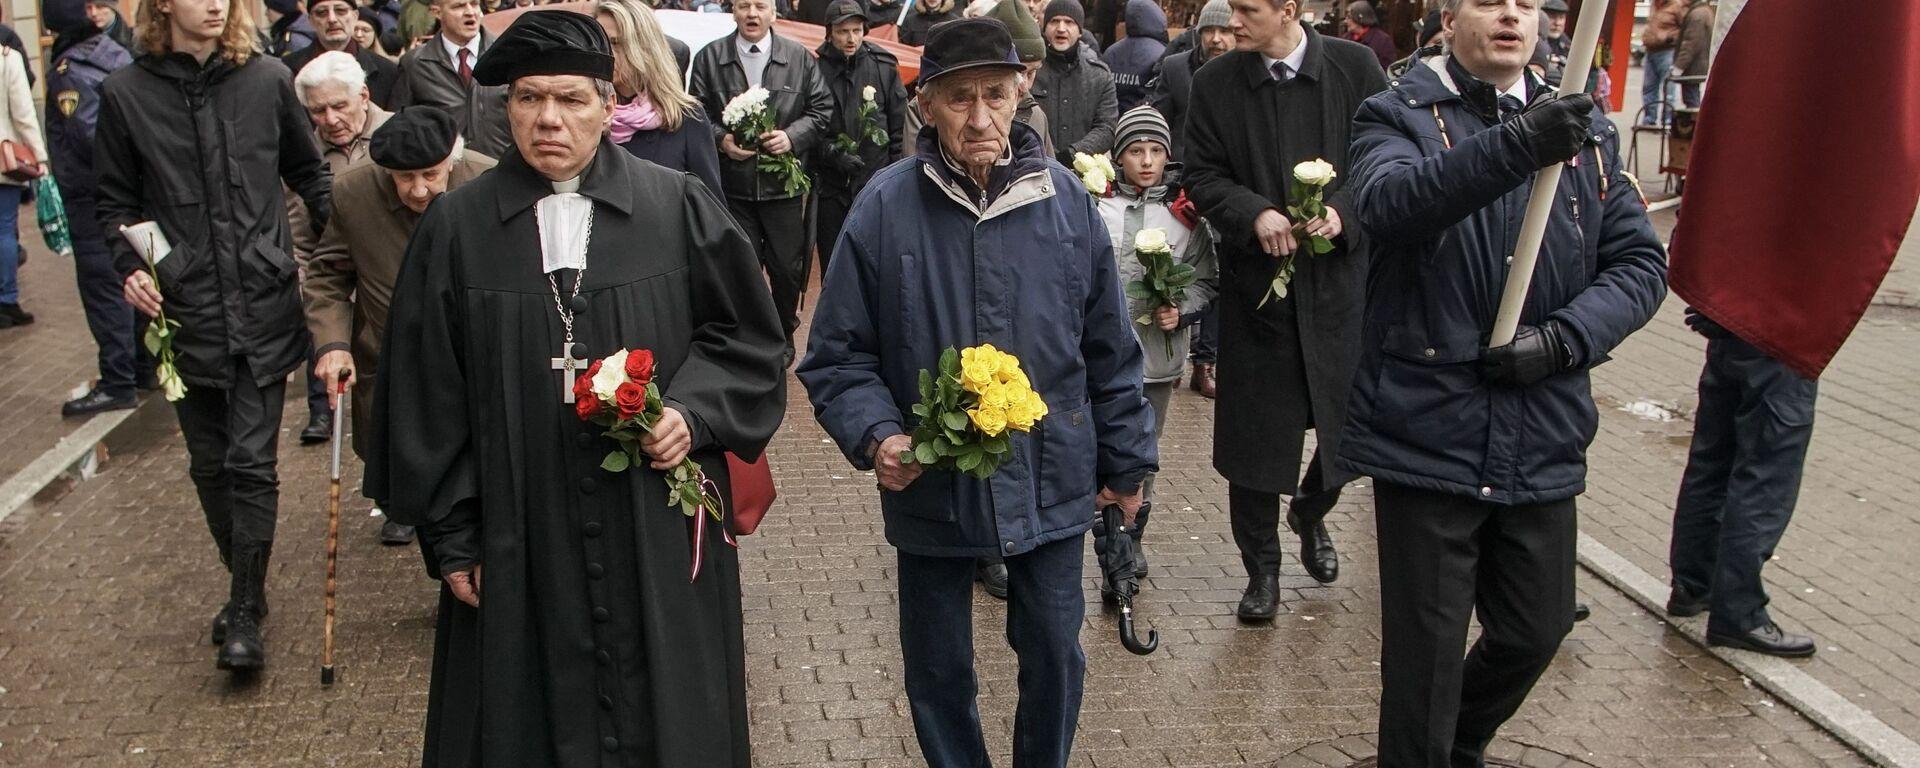 Шествие легионеров в Риге 16 марта 2019 - Sputnik Latvija, 1920, 18.03.2021